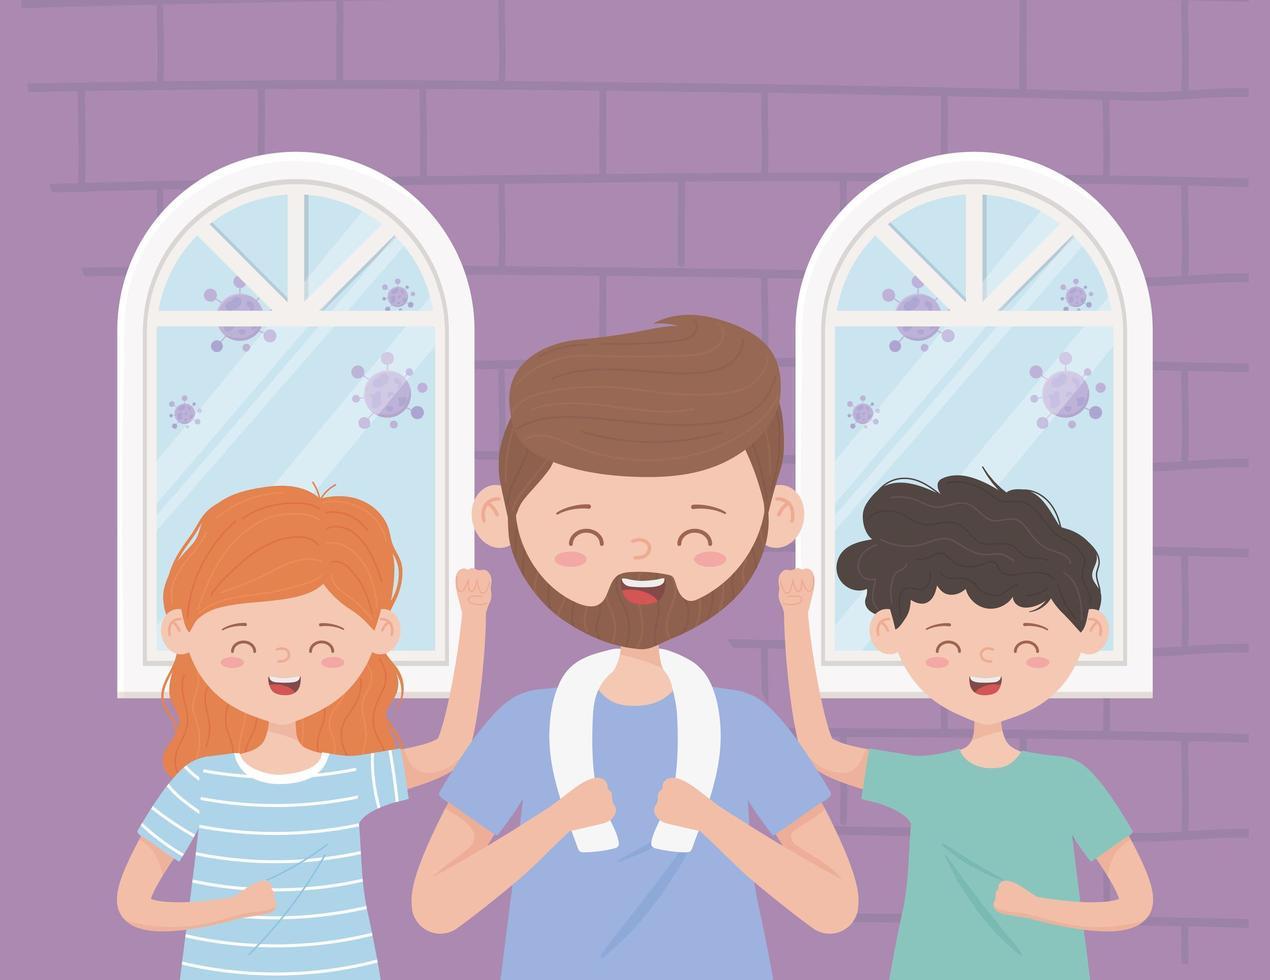 gelukkig gezin trainen tijdens coronavirus-pandemie vector